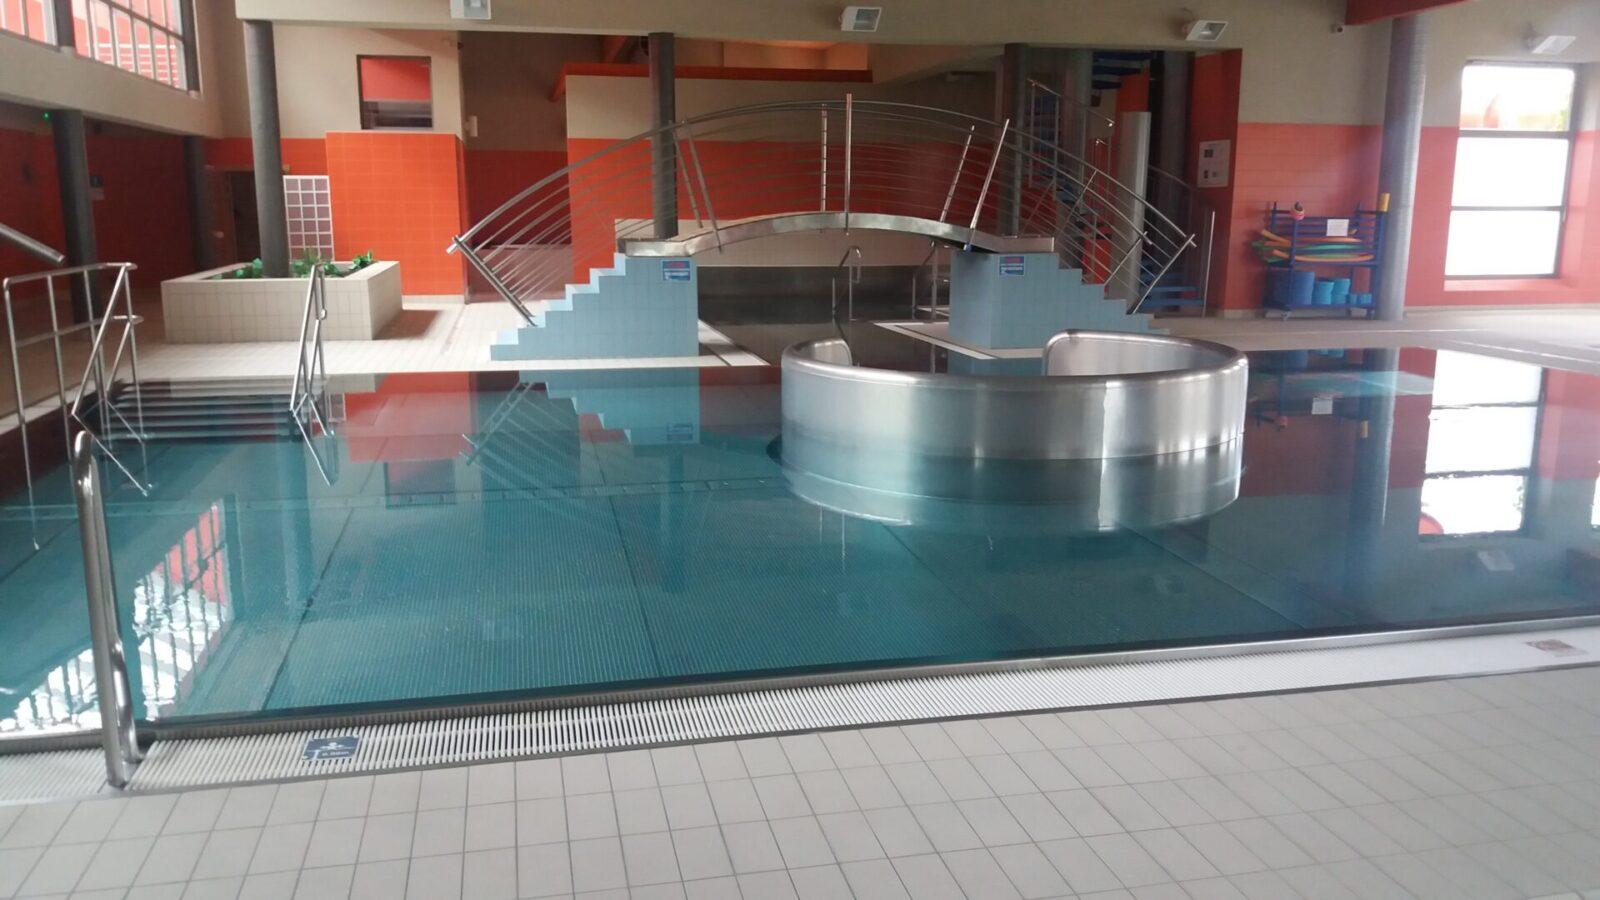 Pływalnia Kasztelanka - strefa rekreacji